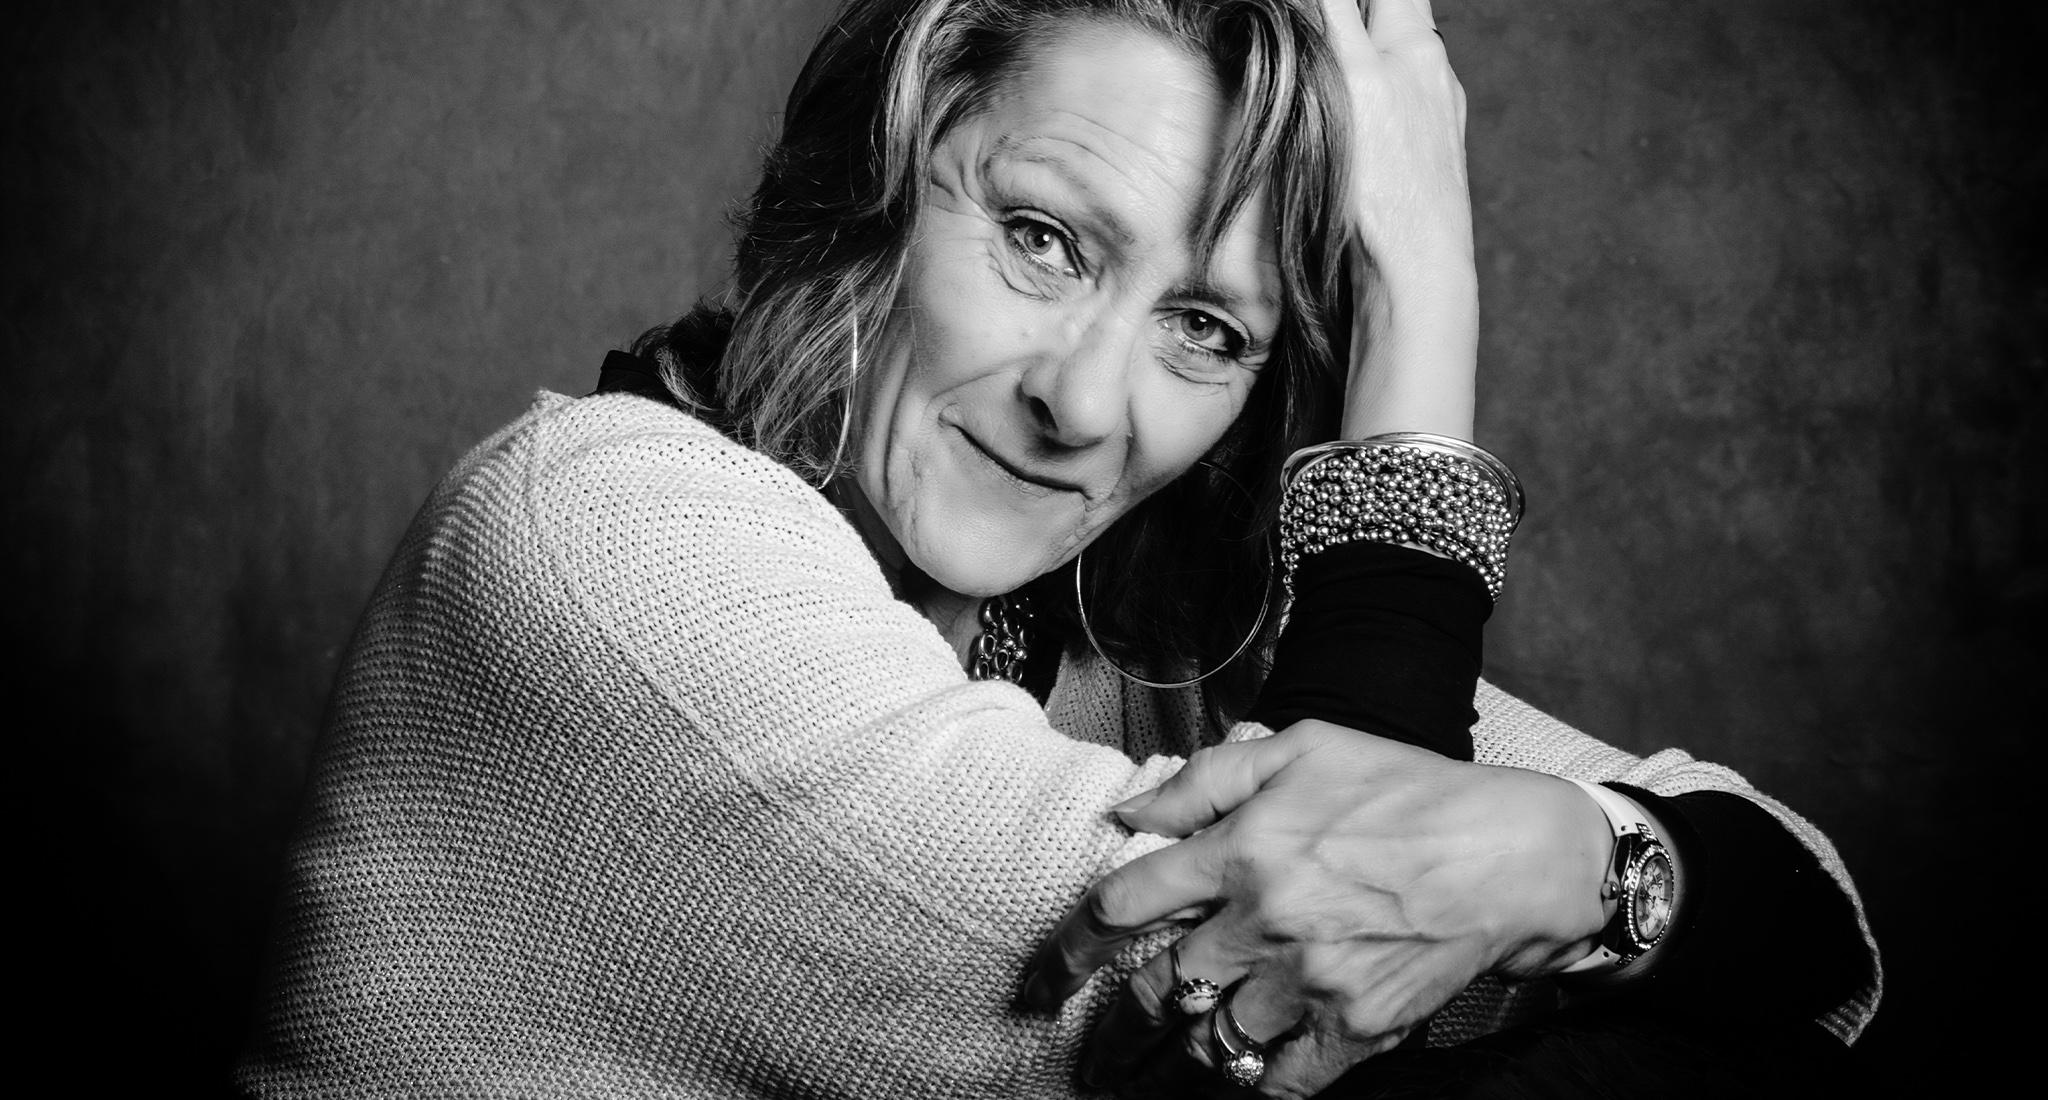 portrait d'une femme en noir et blanc, frederique jouvin, photographe rennes